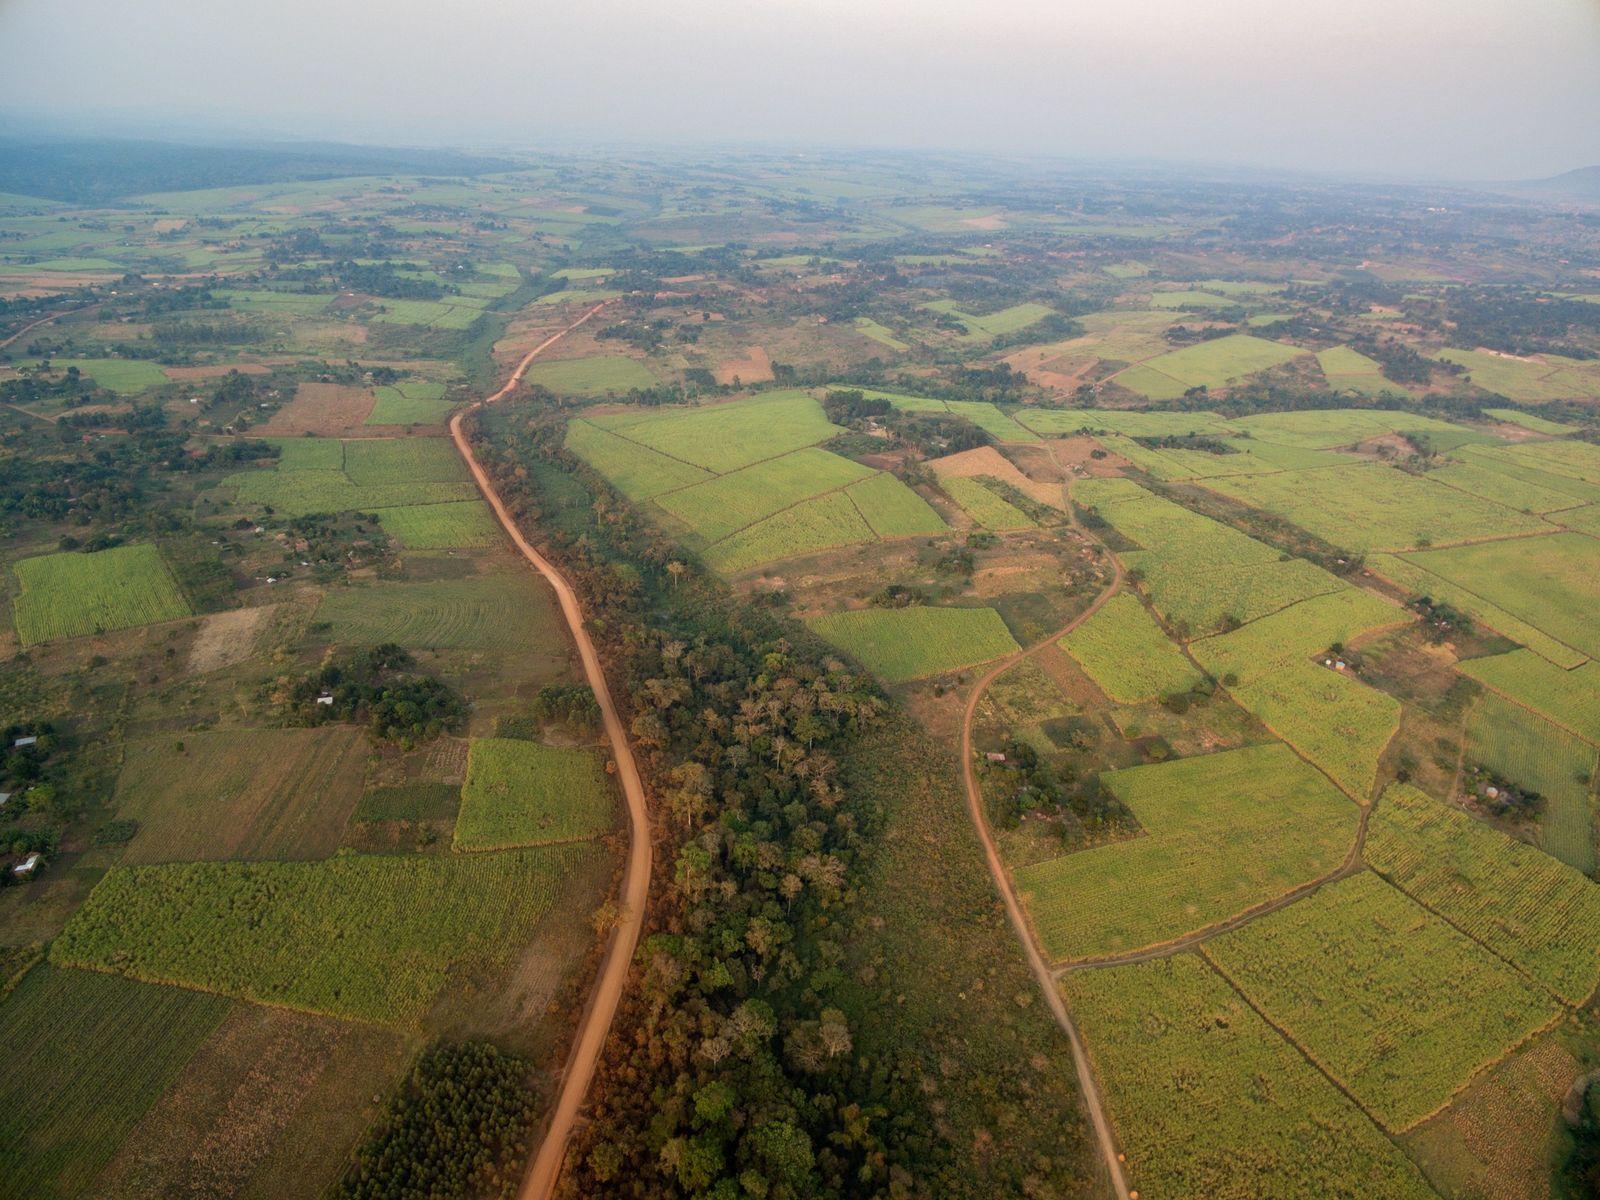 Plantación de azúcar de Kinyara